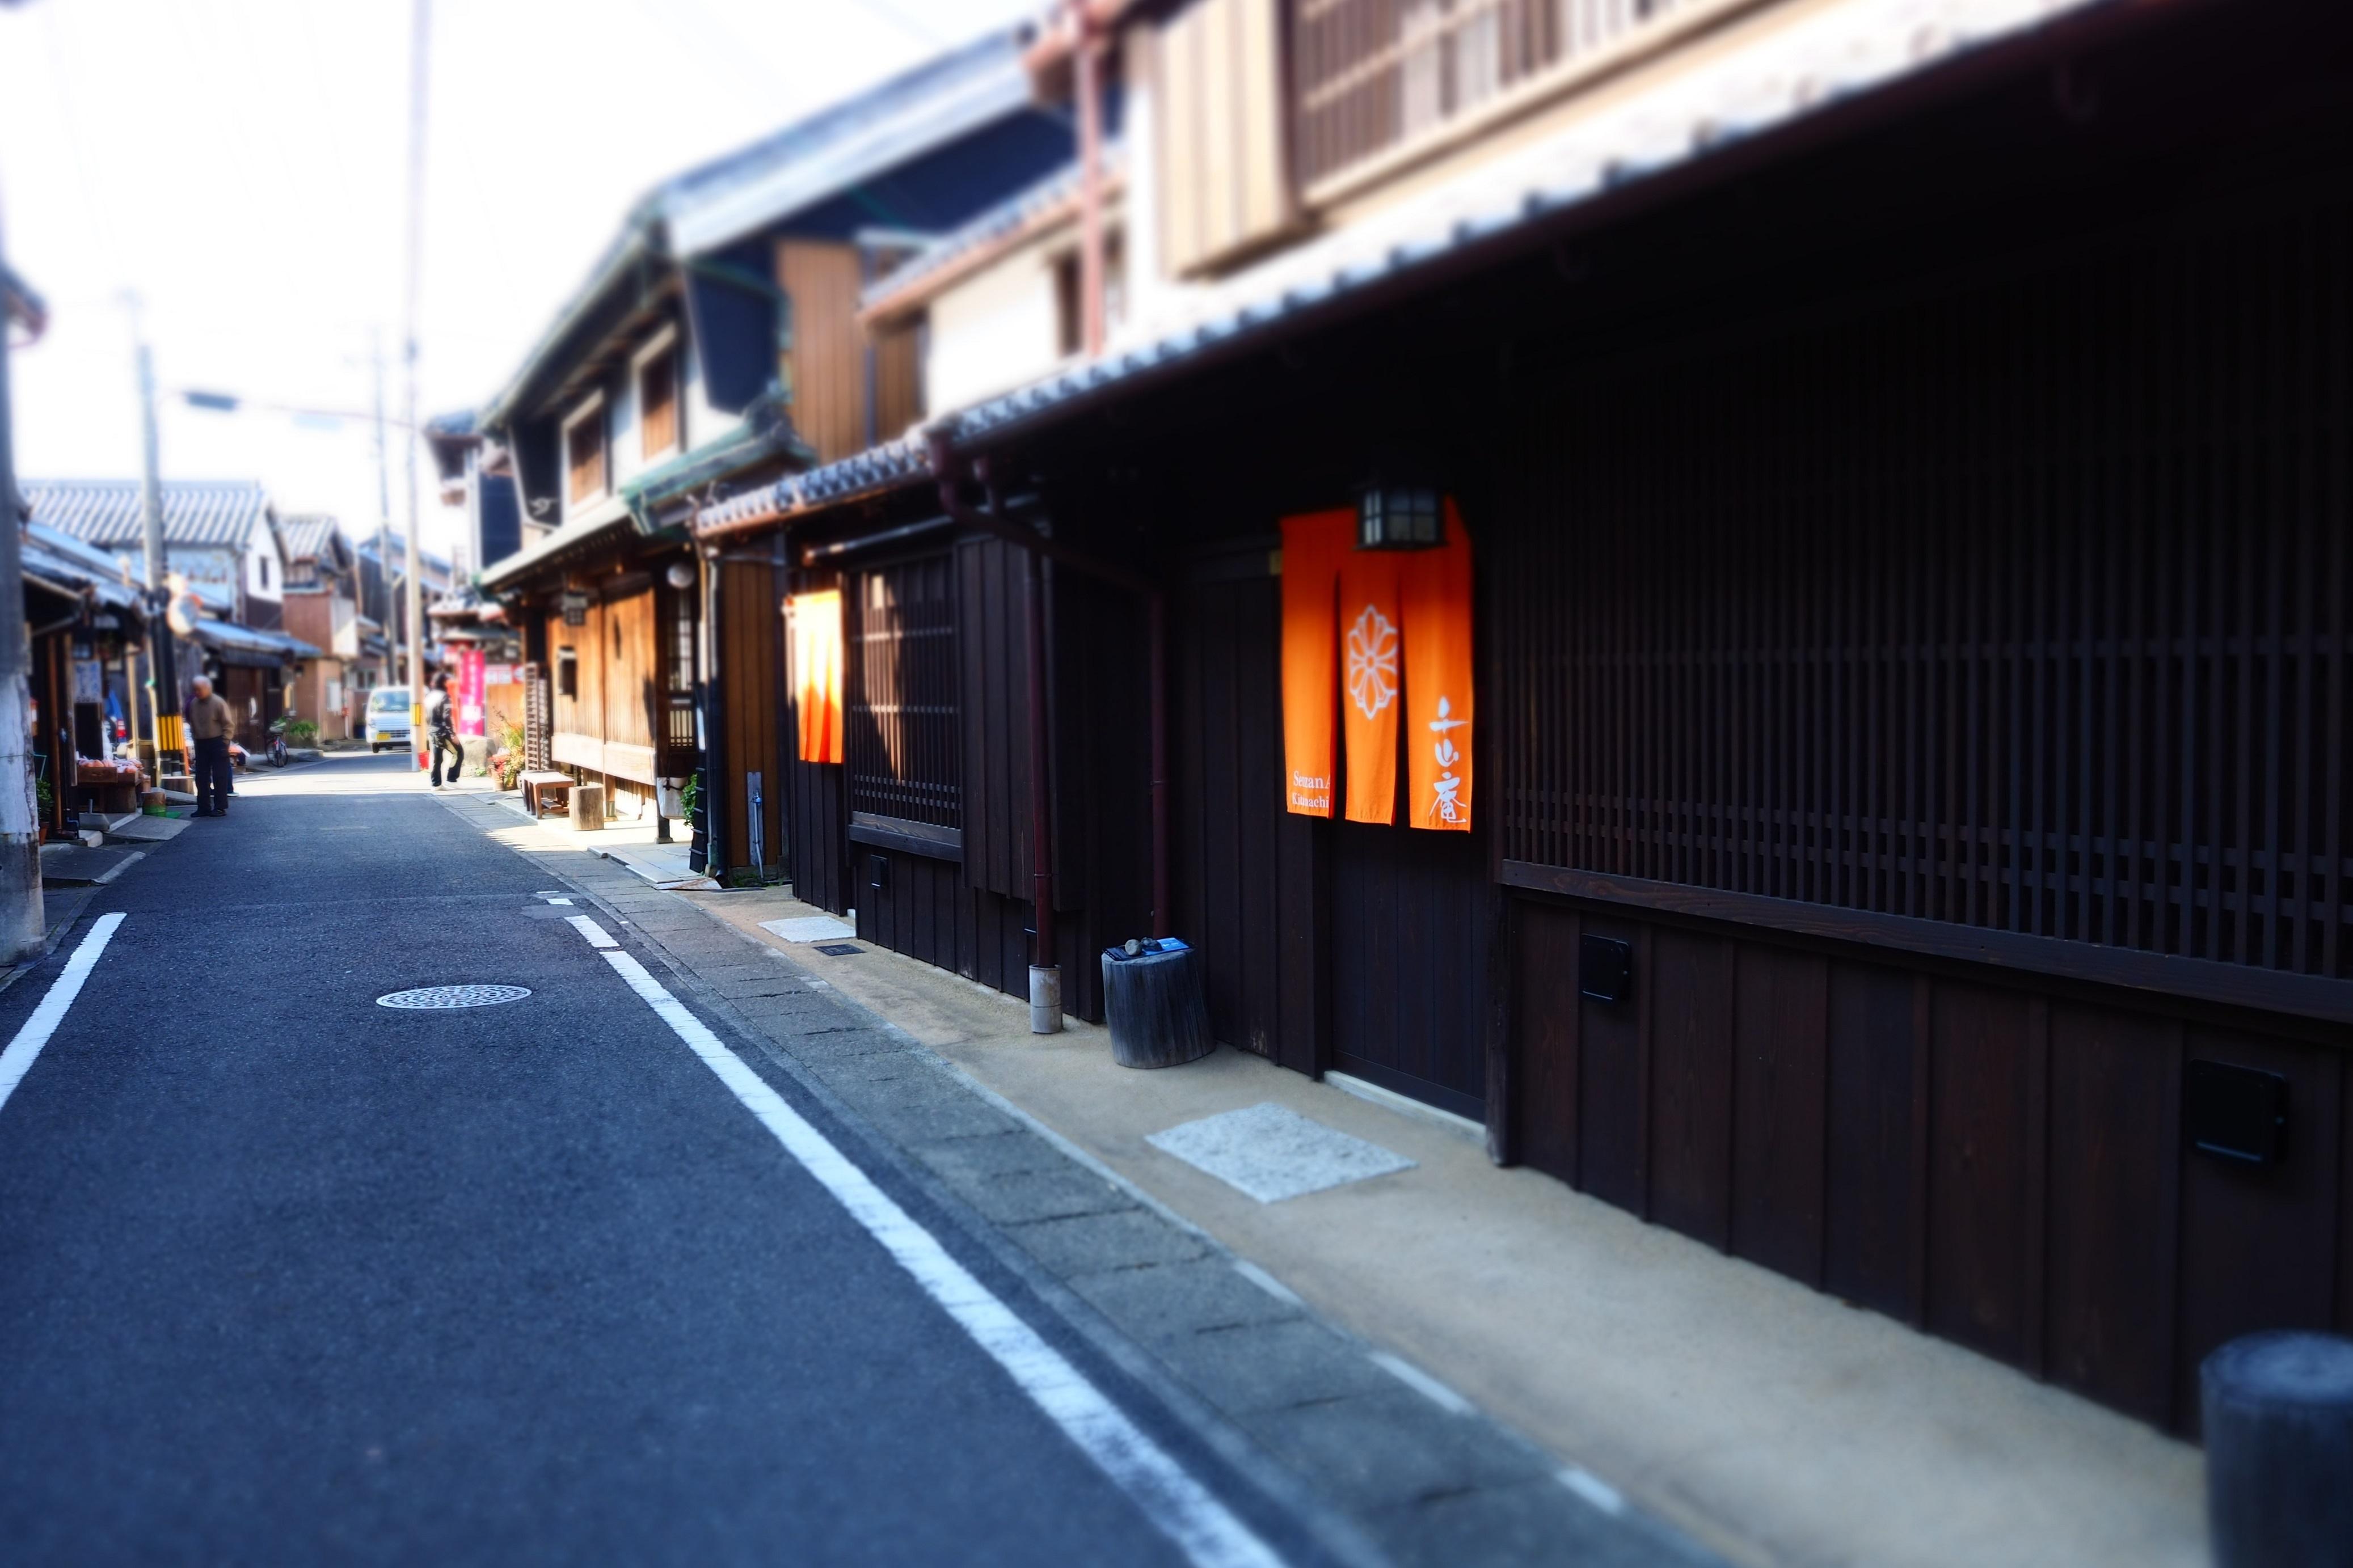 harleydavidson-motorcycle-touring-blog-wakayama-yuasatown-oldtown-2.jpg